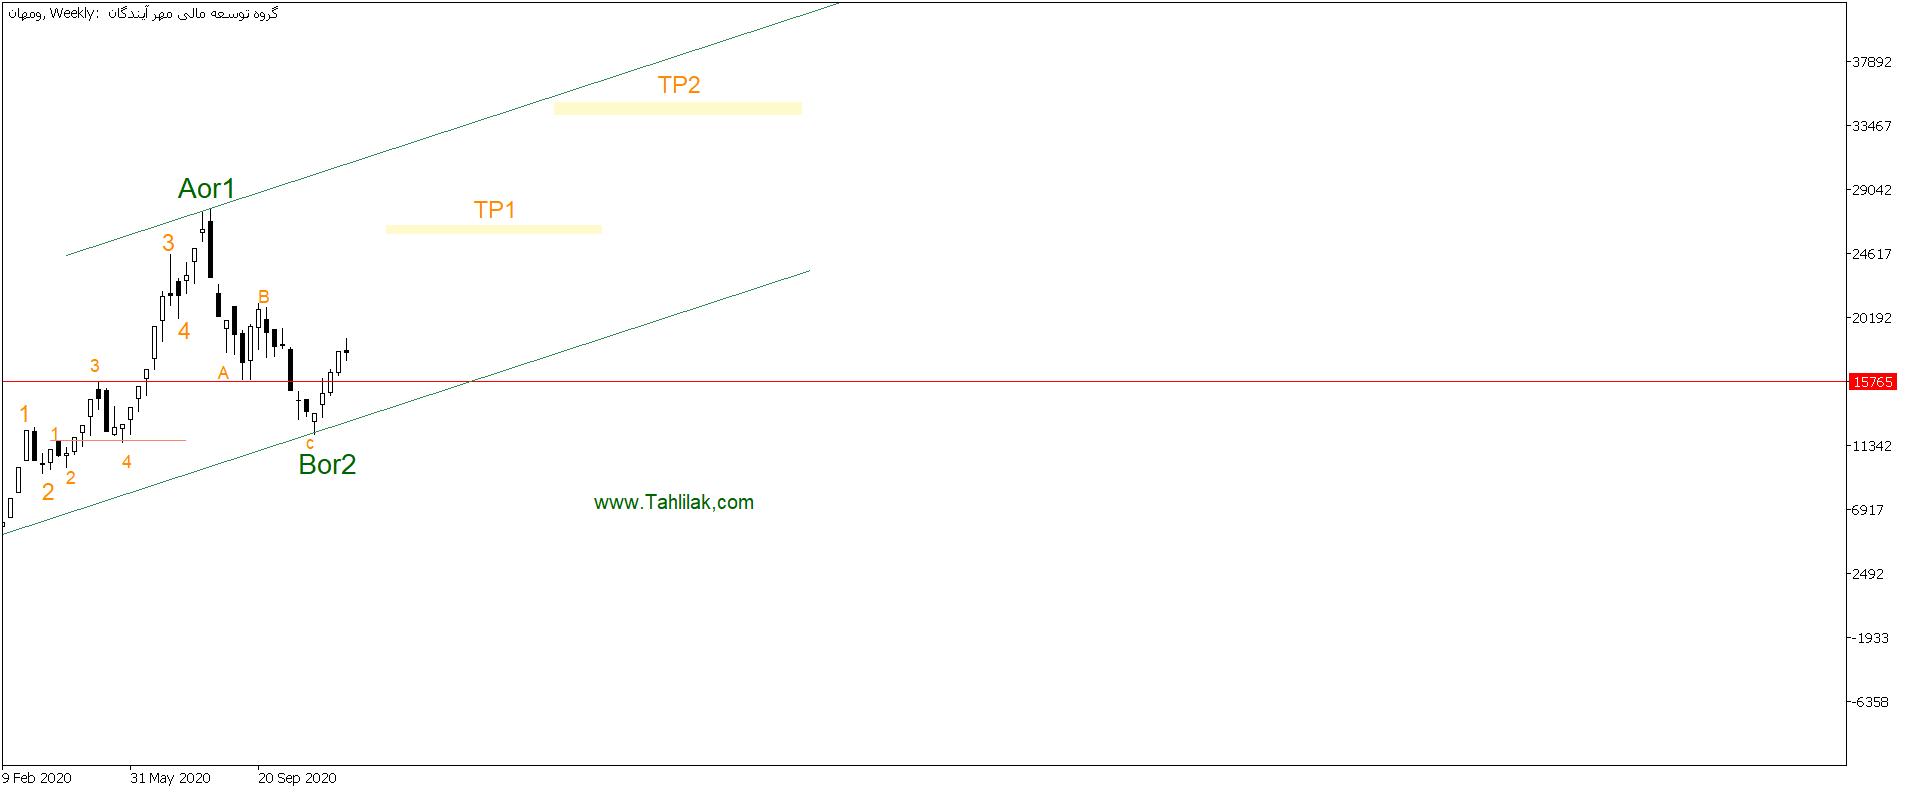 تحلیل سهام ومهان / تحلیل تکنیکال سهام ومهان